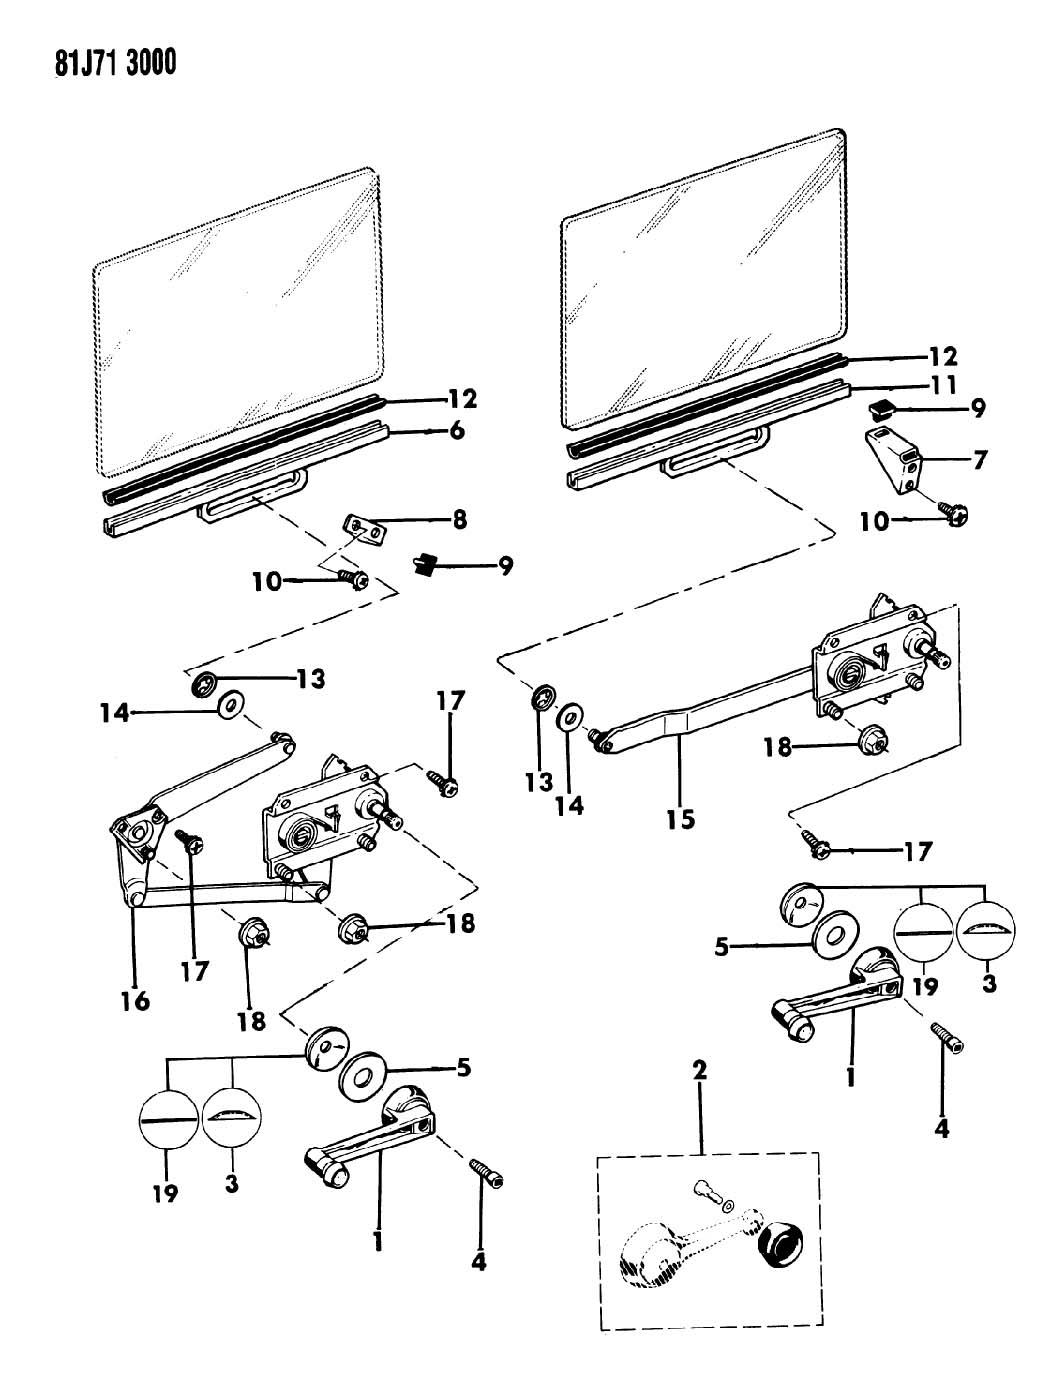 86 volkswagen jetta fuse box auto electrical wiring diagram 78 Ford Bronco Wiring Diagram diagram of door mazda wiring schemes